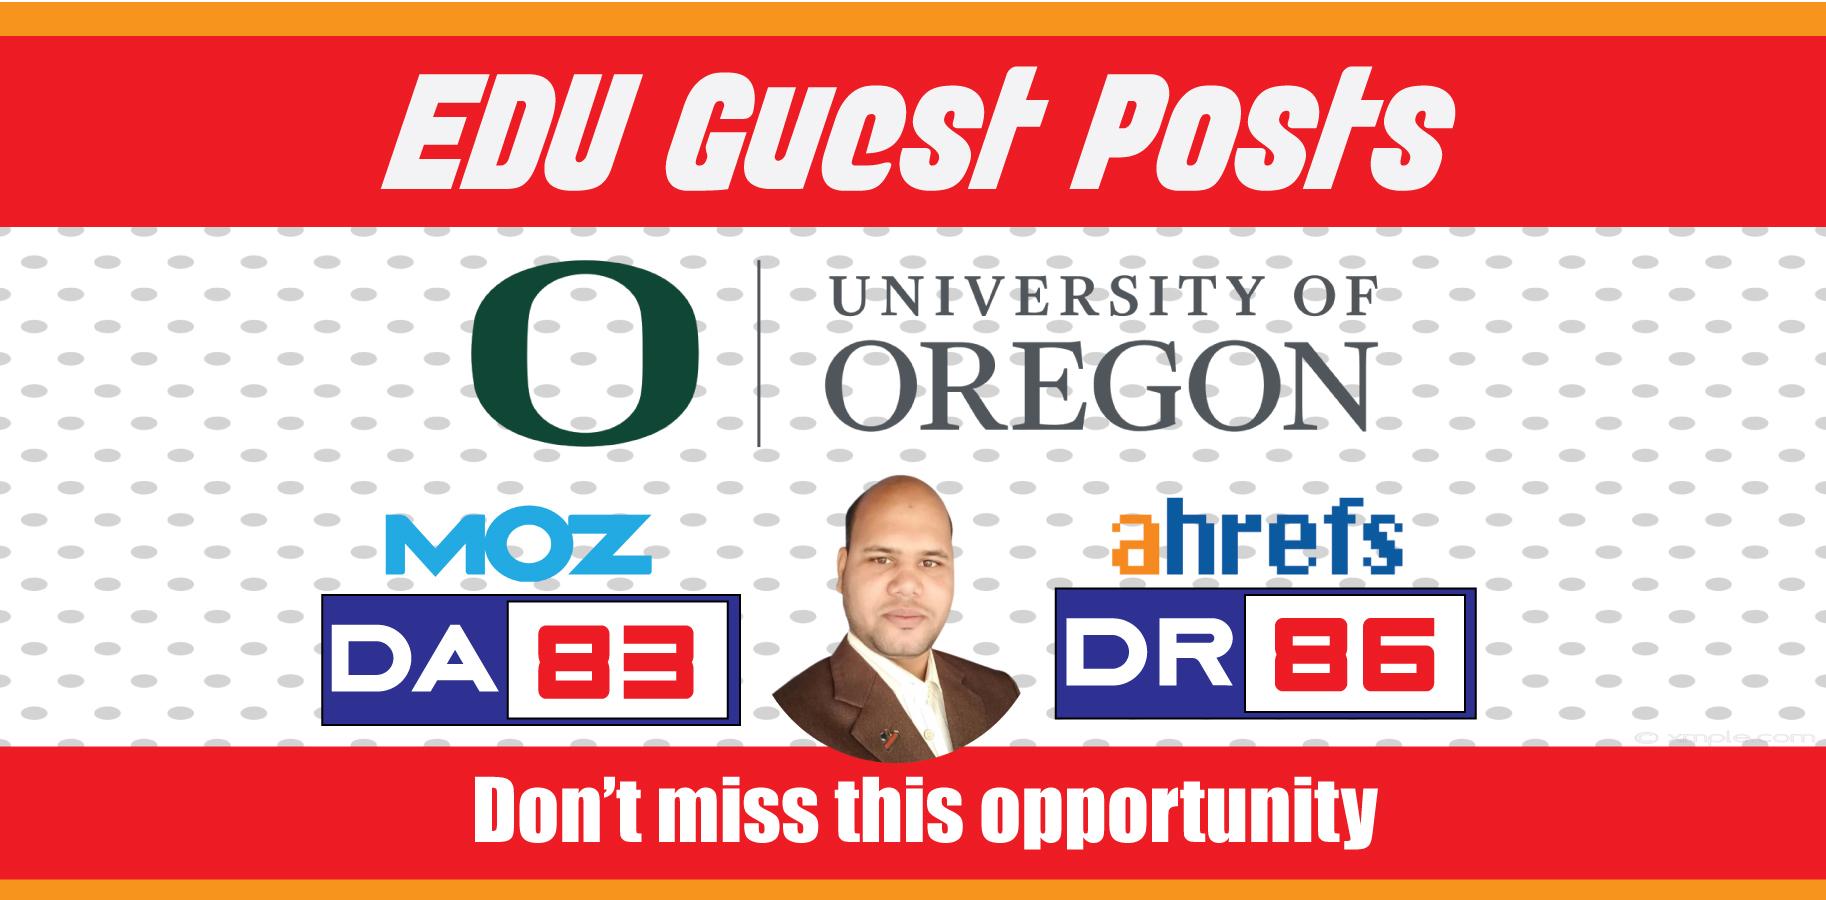 Guest Post on 'University of Oregon' Blog - DA83,  DR86